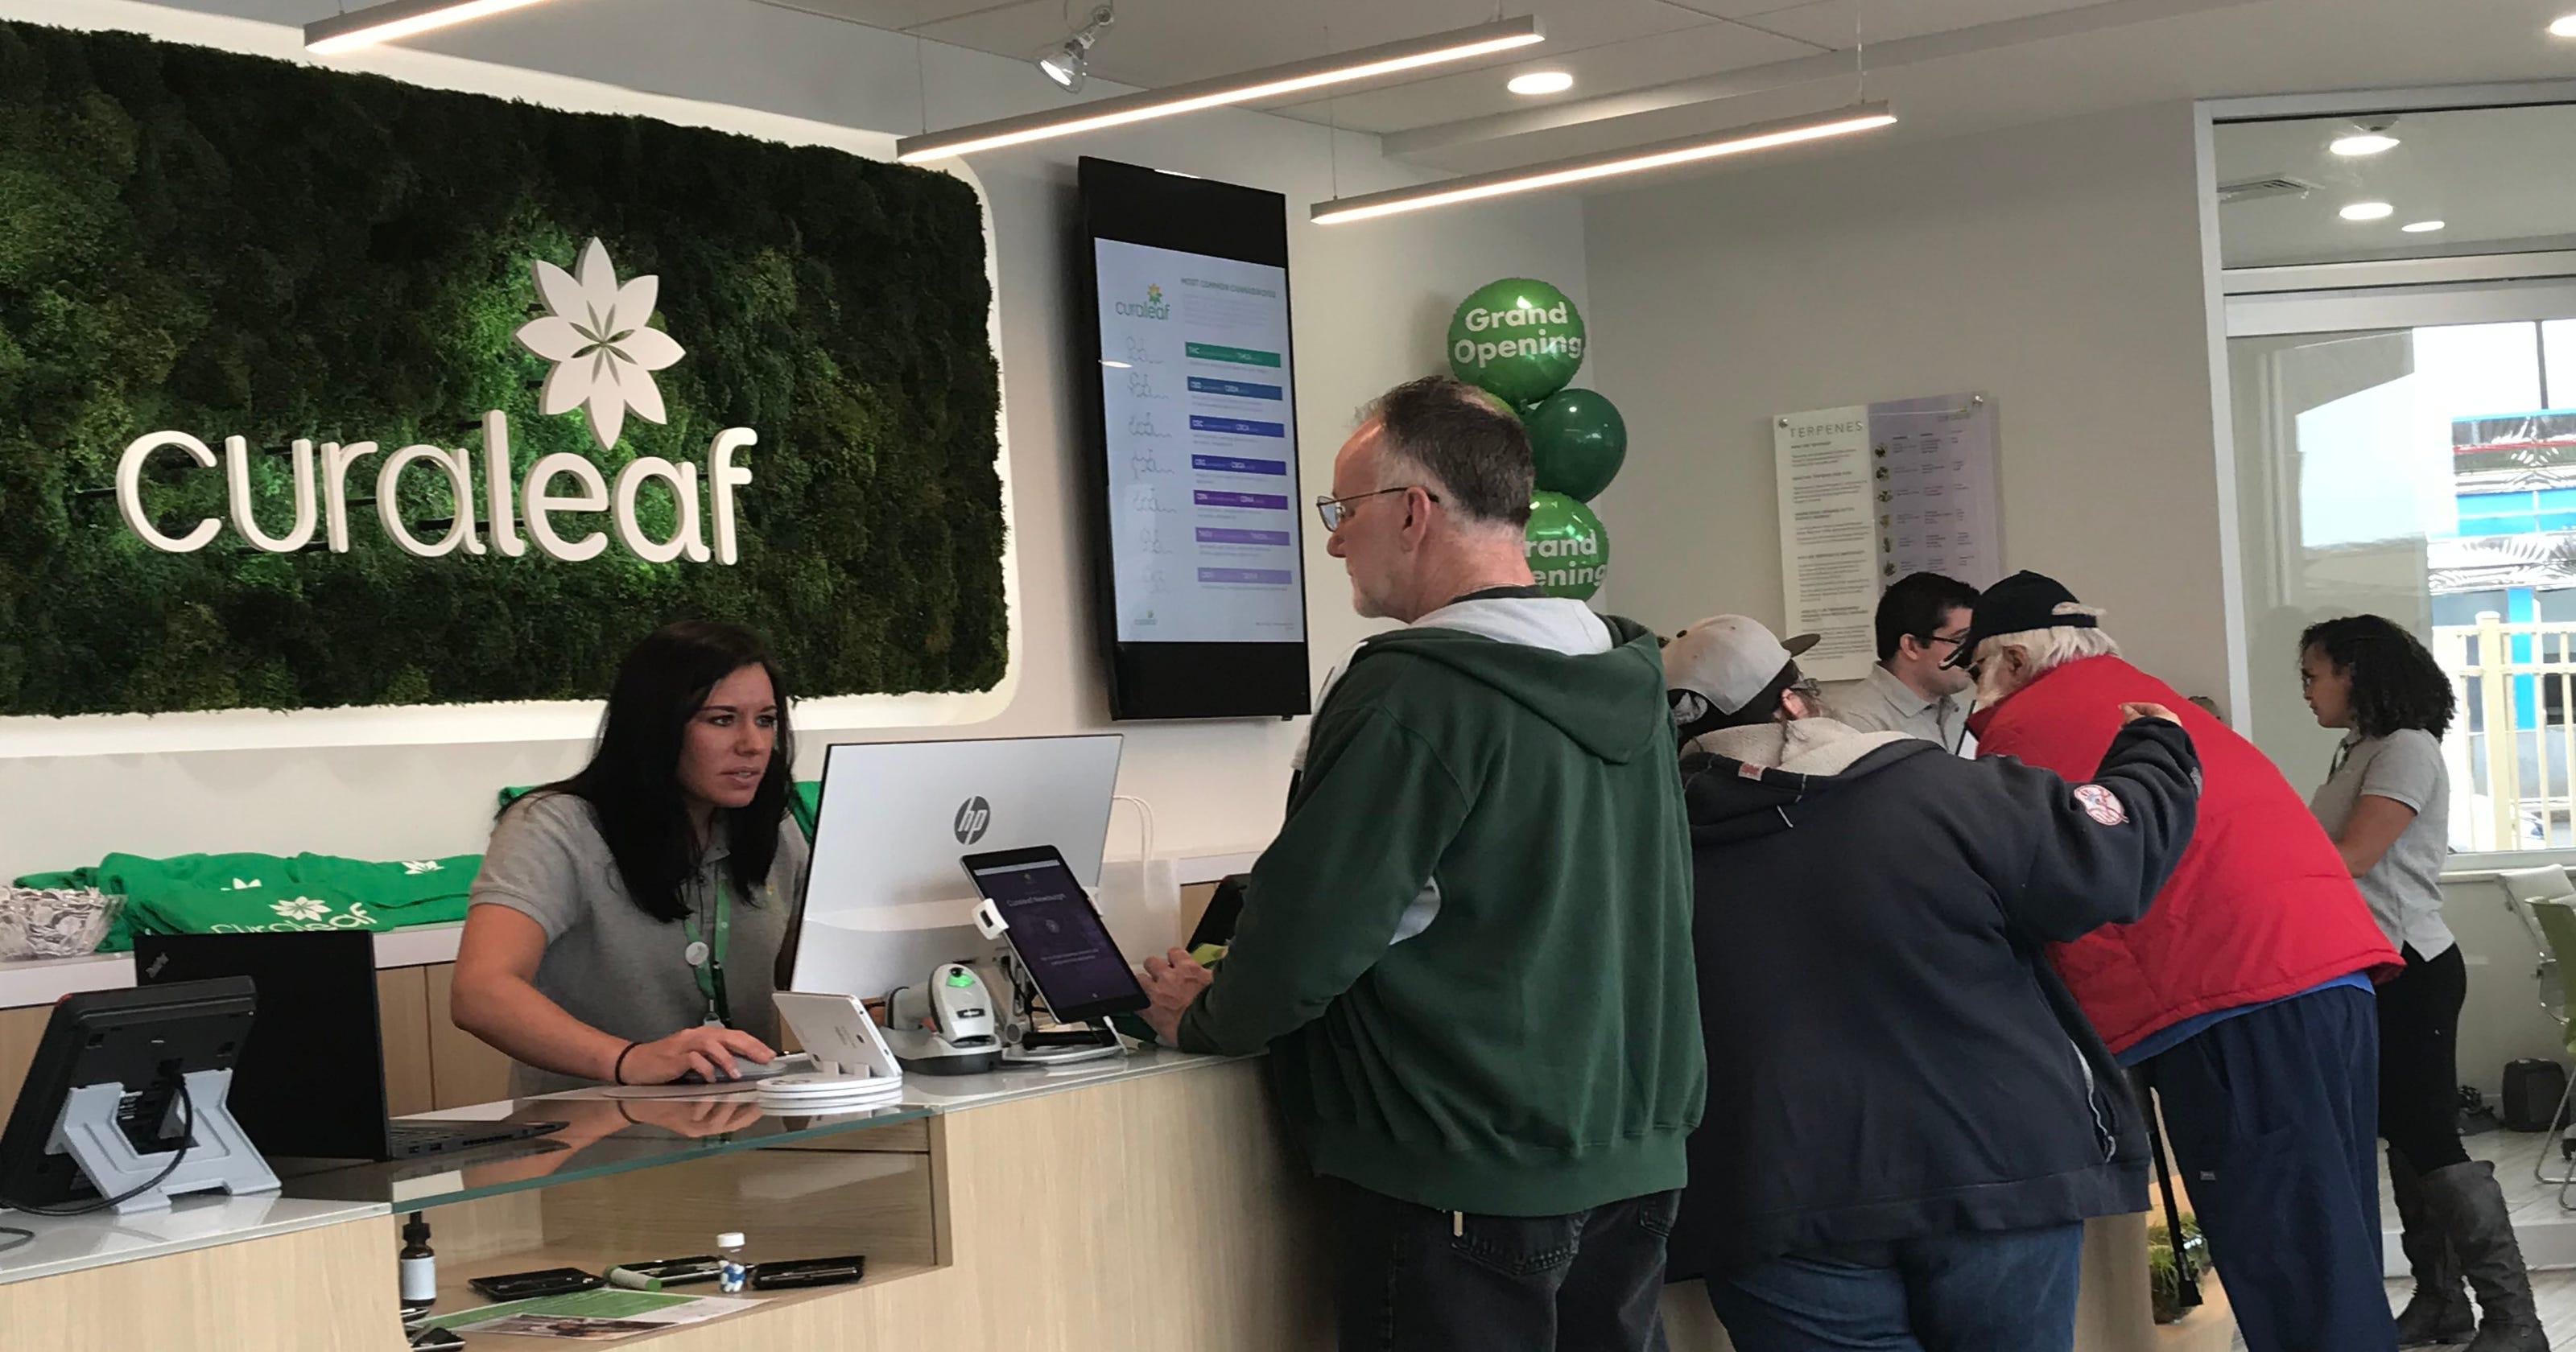 Medical marijuana dispensary draws big crowd at opening